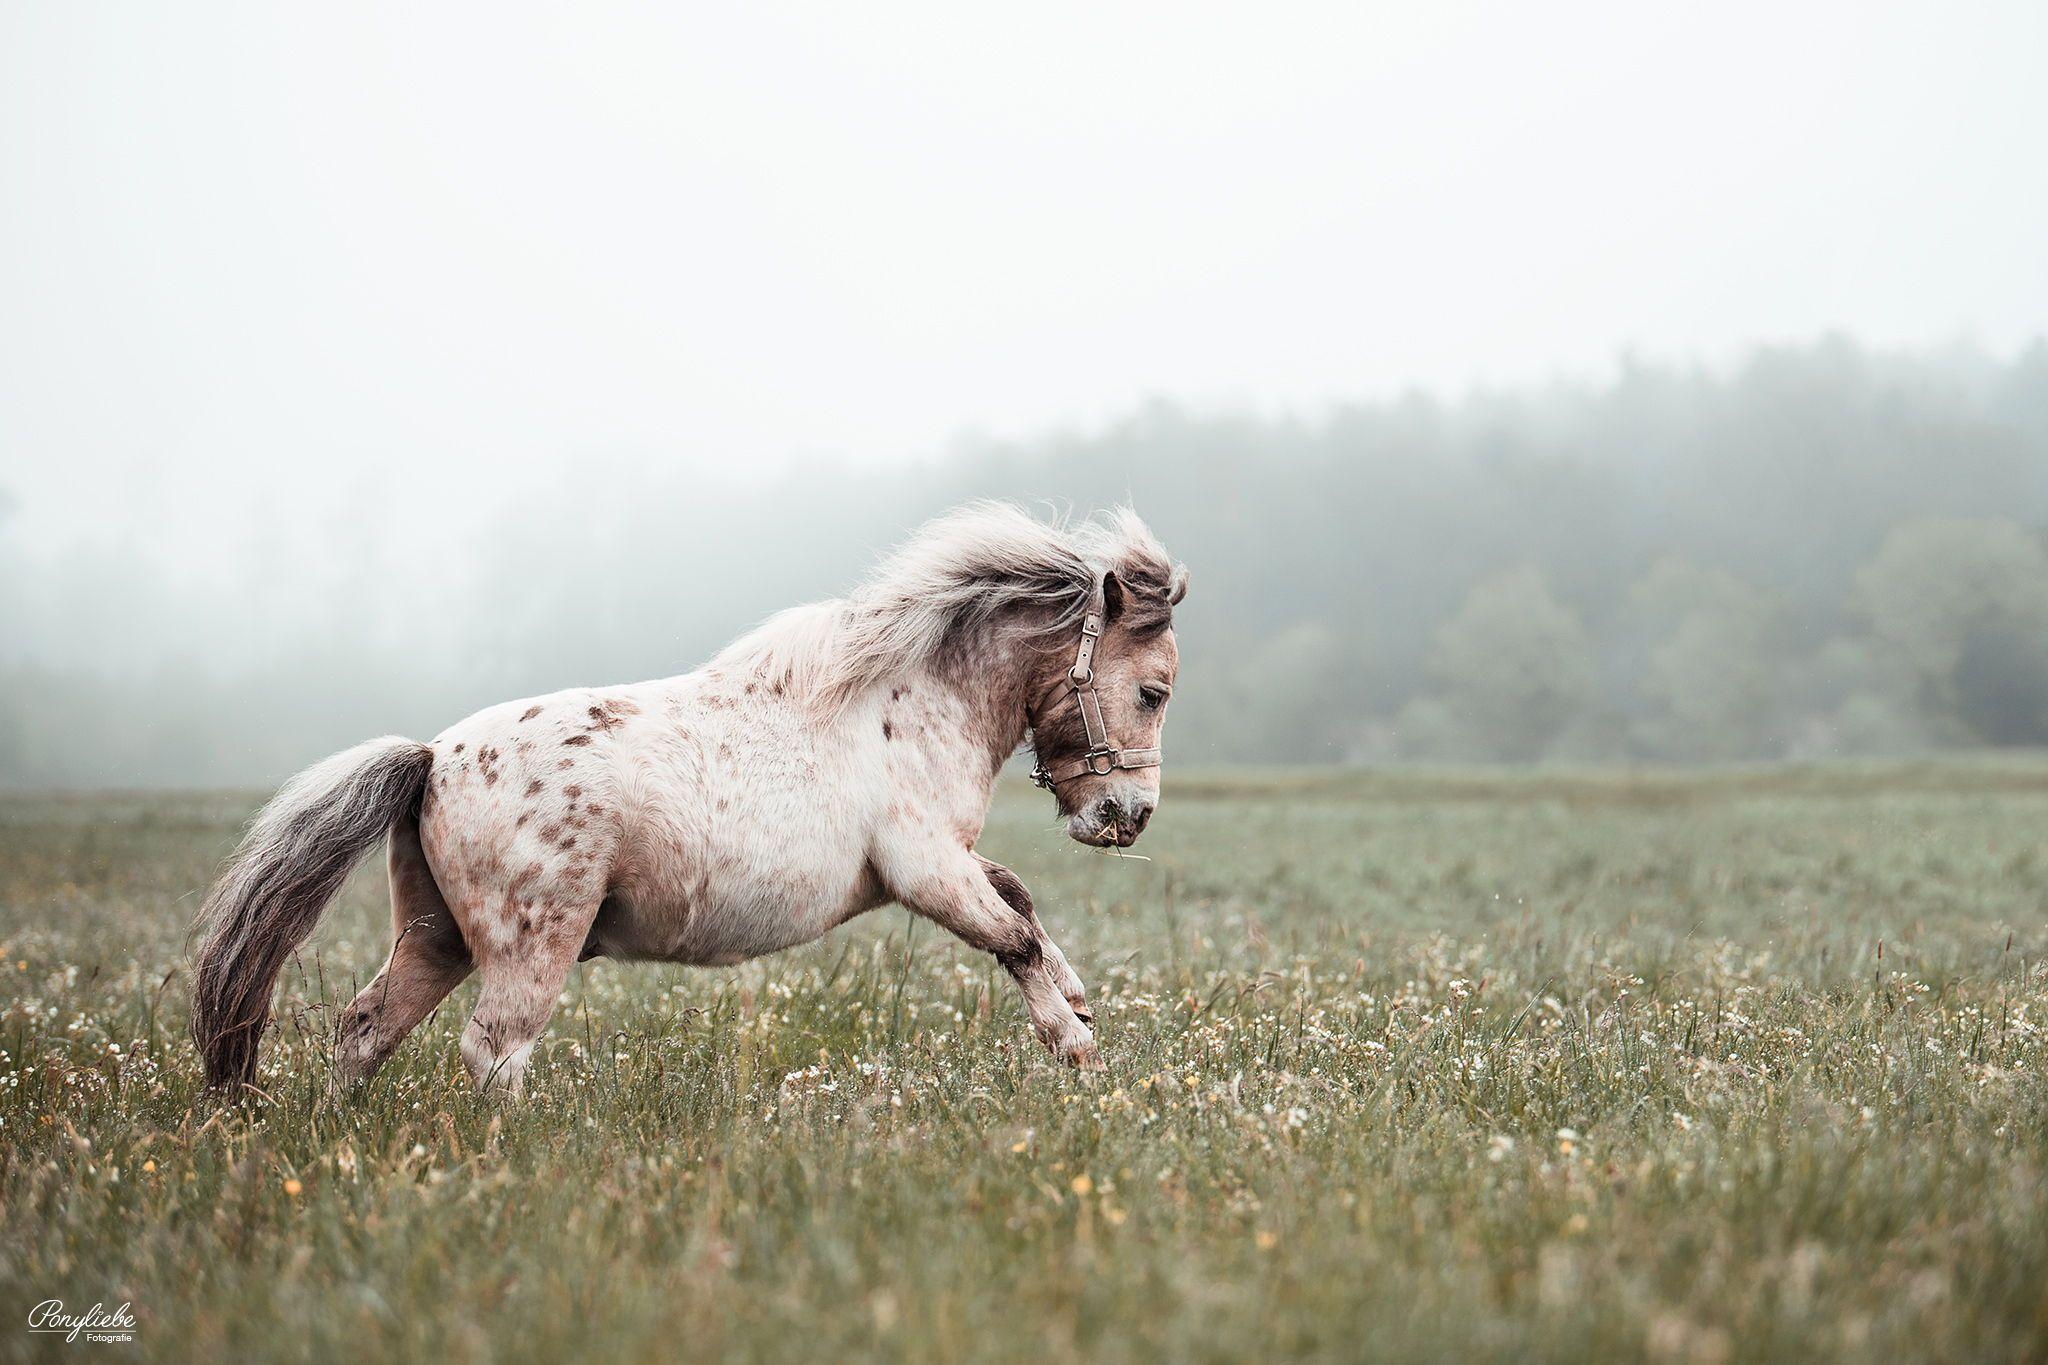 Frei sein - Mini Pony unterwegs!    Pferdefotografie by Ponyliebe Fotografie. Horse Photography. Equine Photography. Equine Photo Love. Animal Photography. Fotografieren lernen. Weiterbildung für Tierfotografen.  Pferdeportrait. #pferdefotografie #equinephotolove #equinephotographer